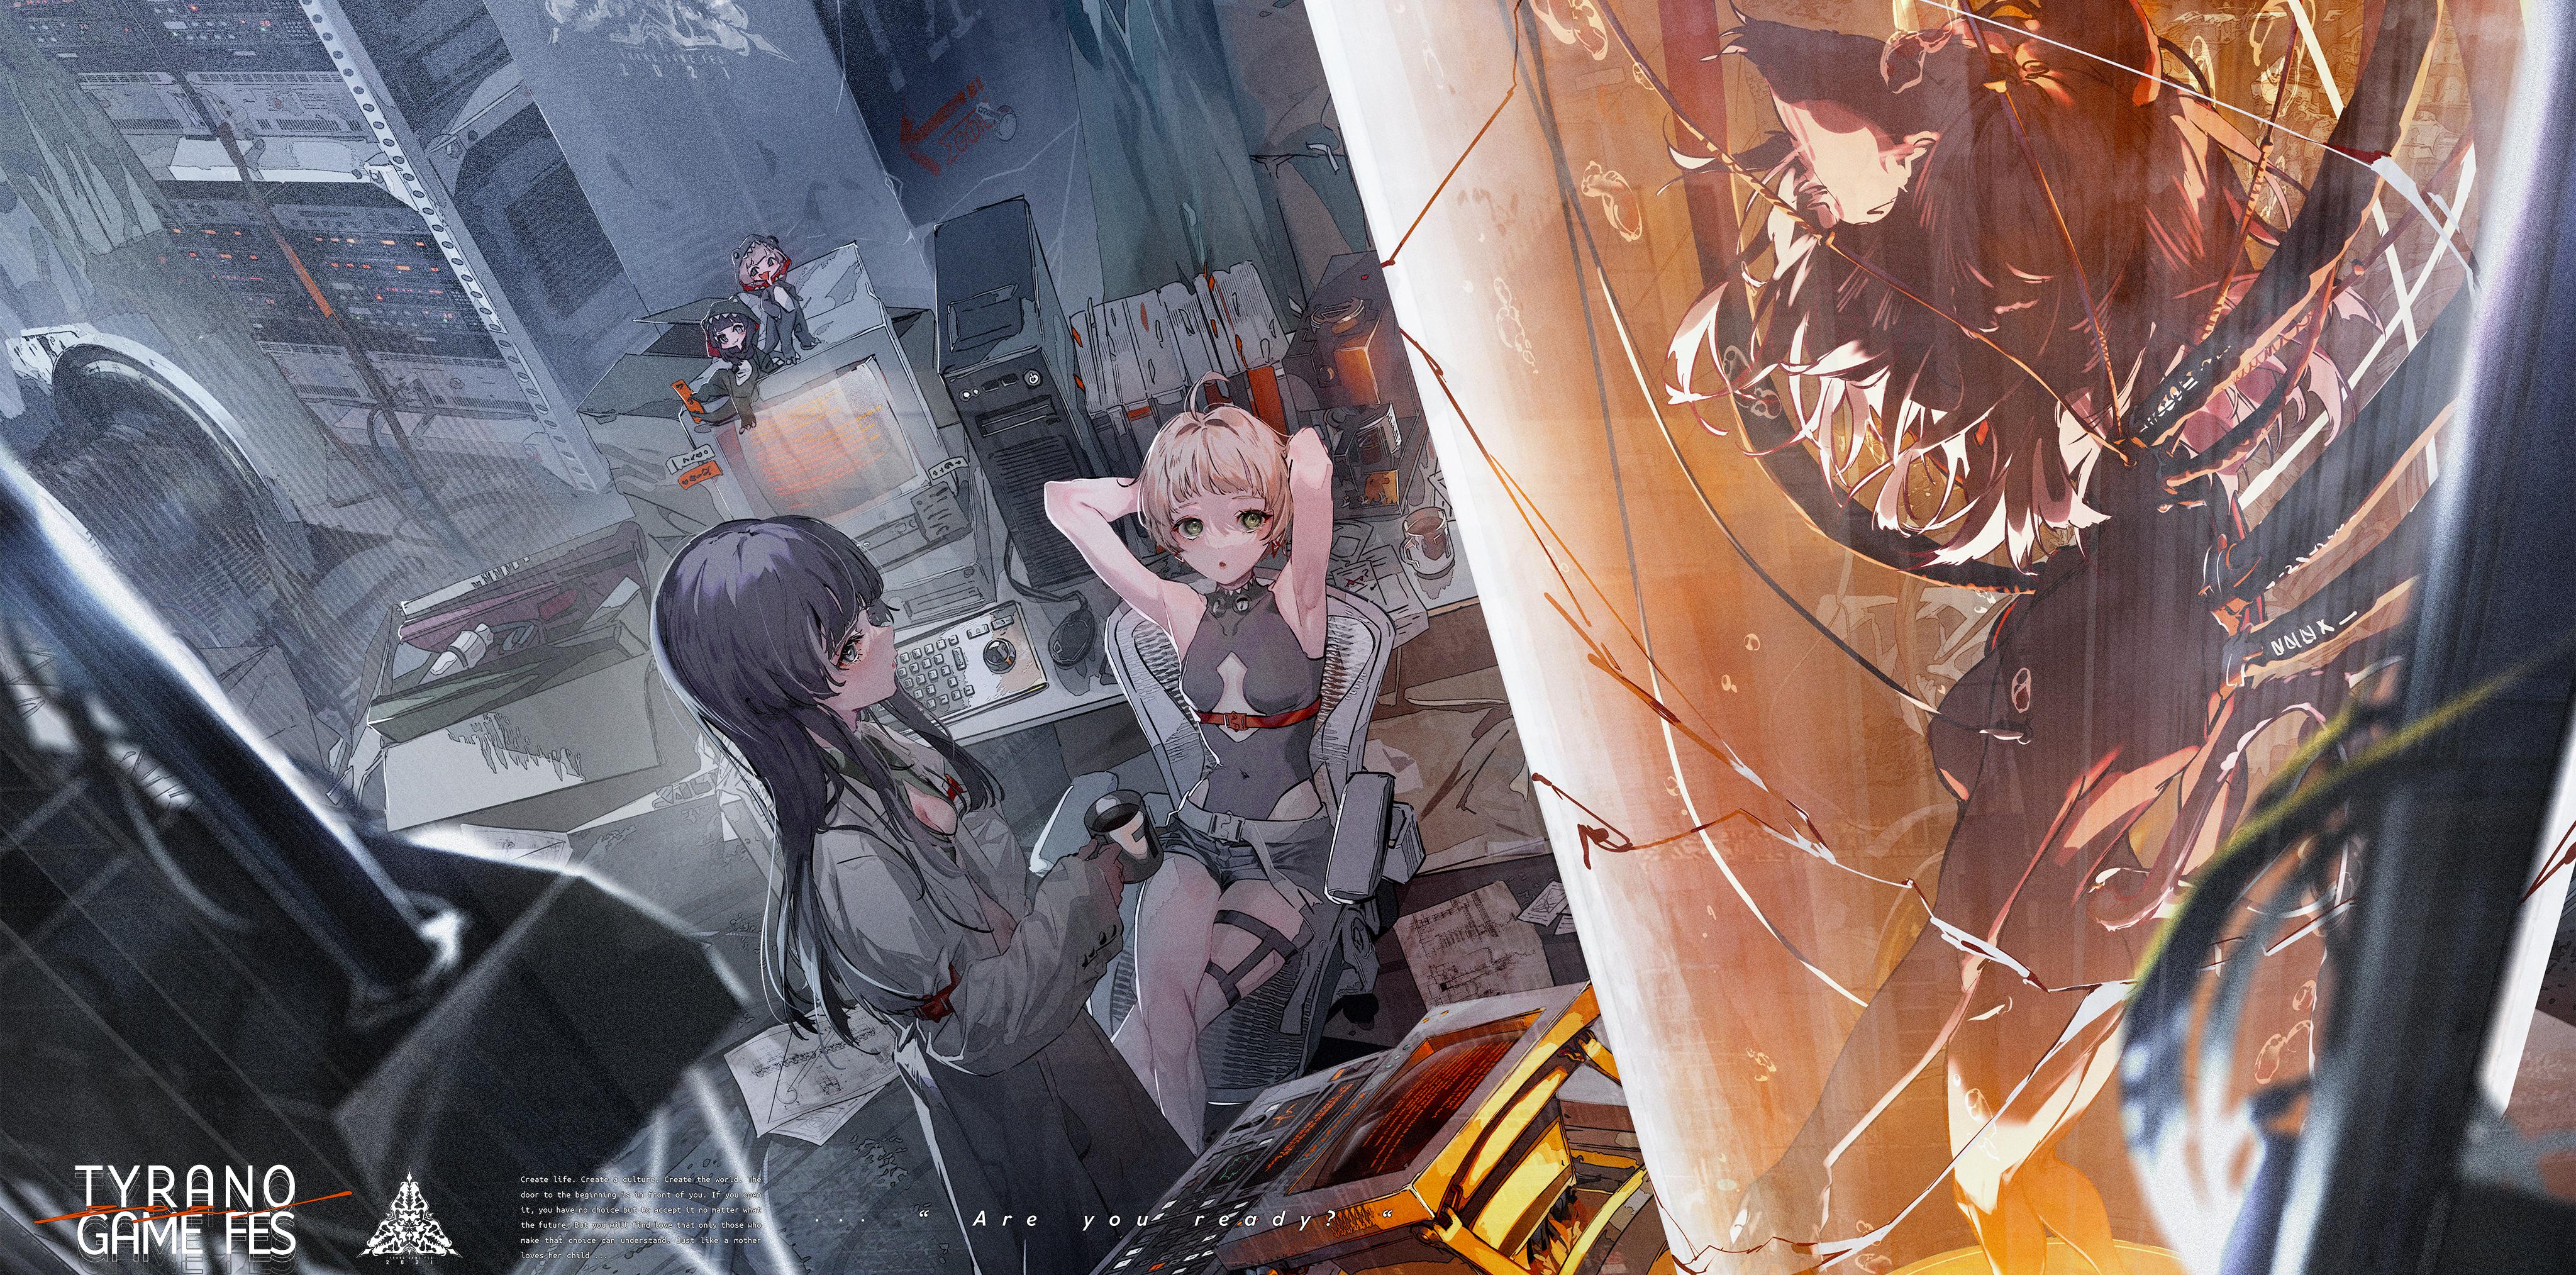 Anime Anime Girls Rolua Noa Science Fiction 4096x2027